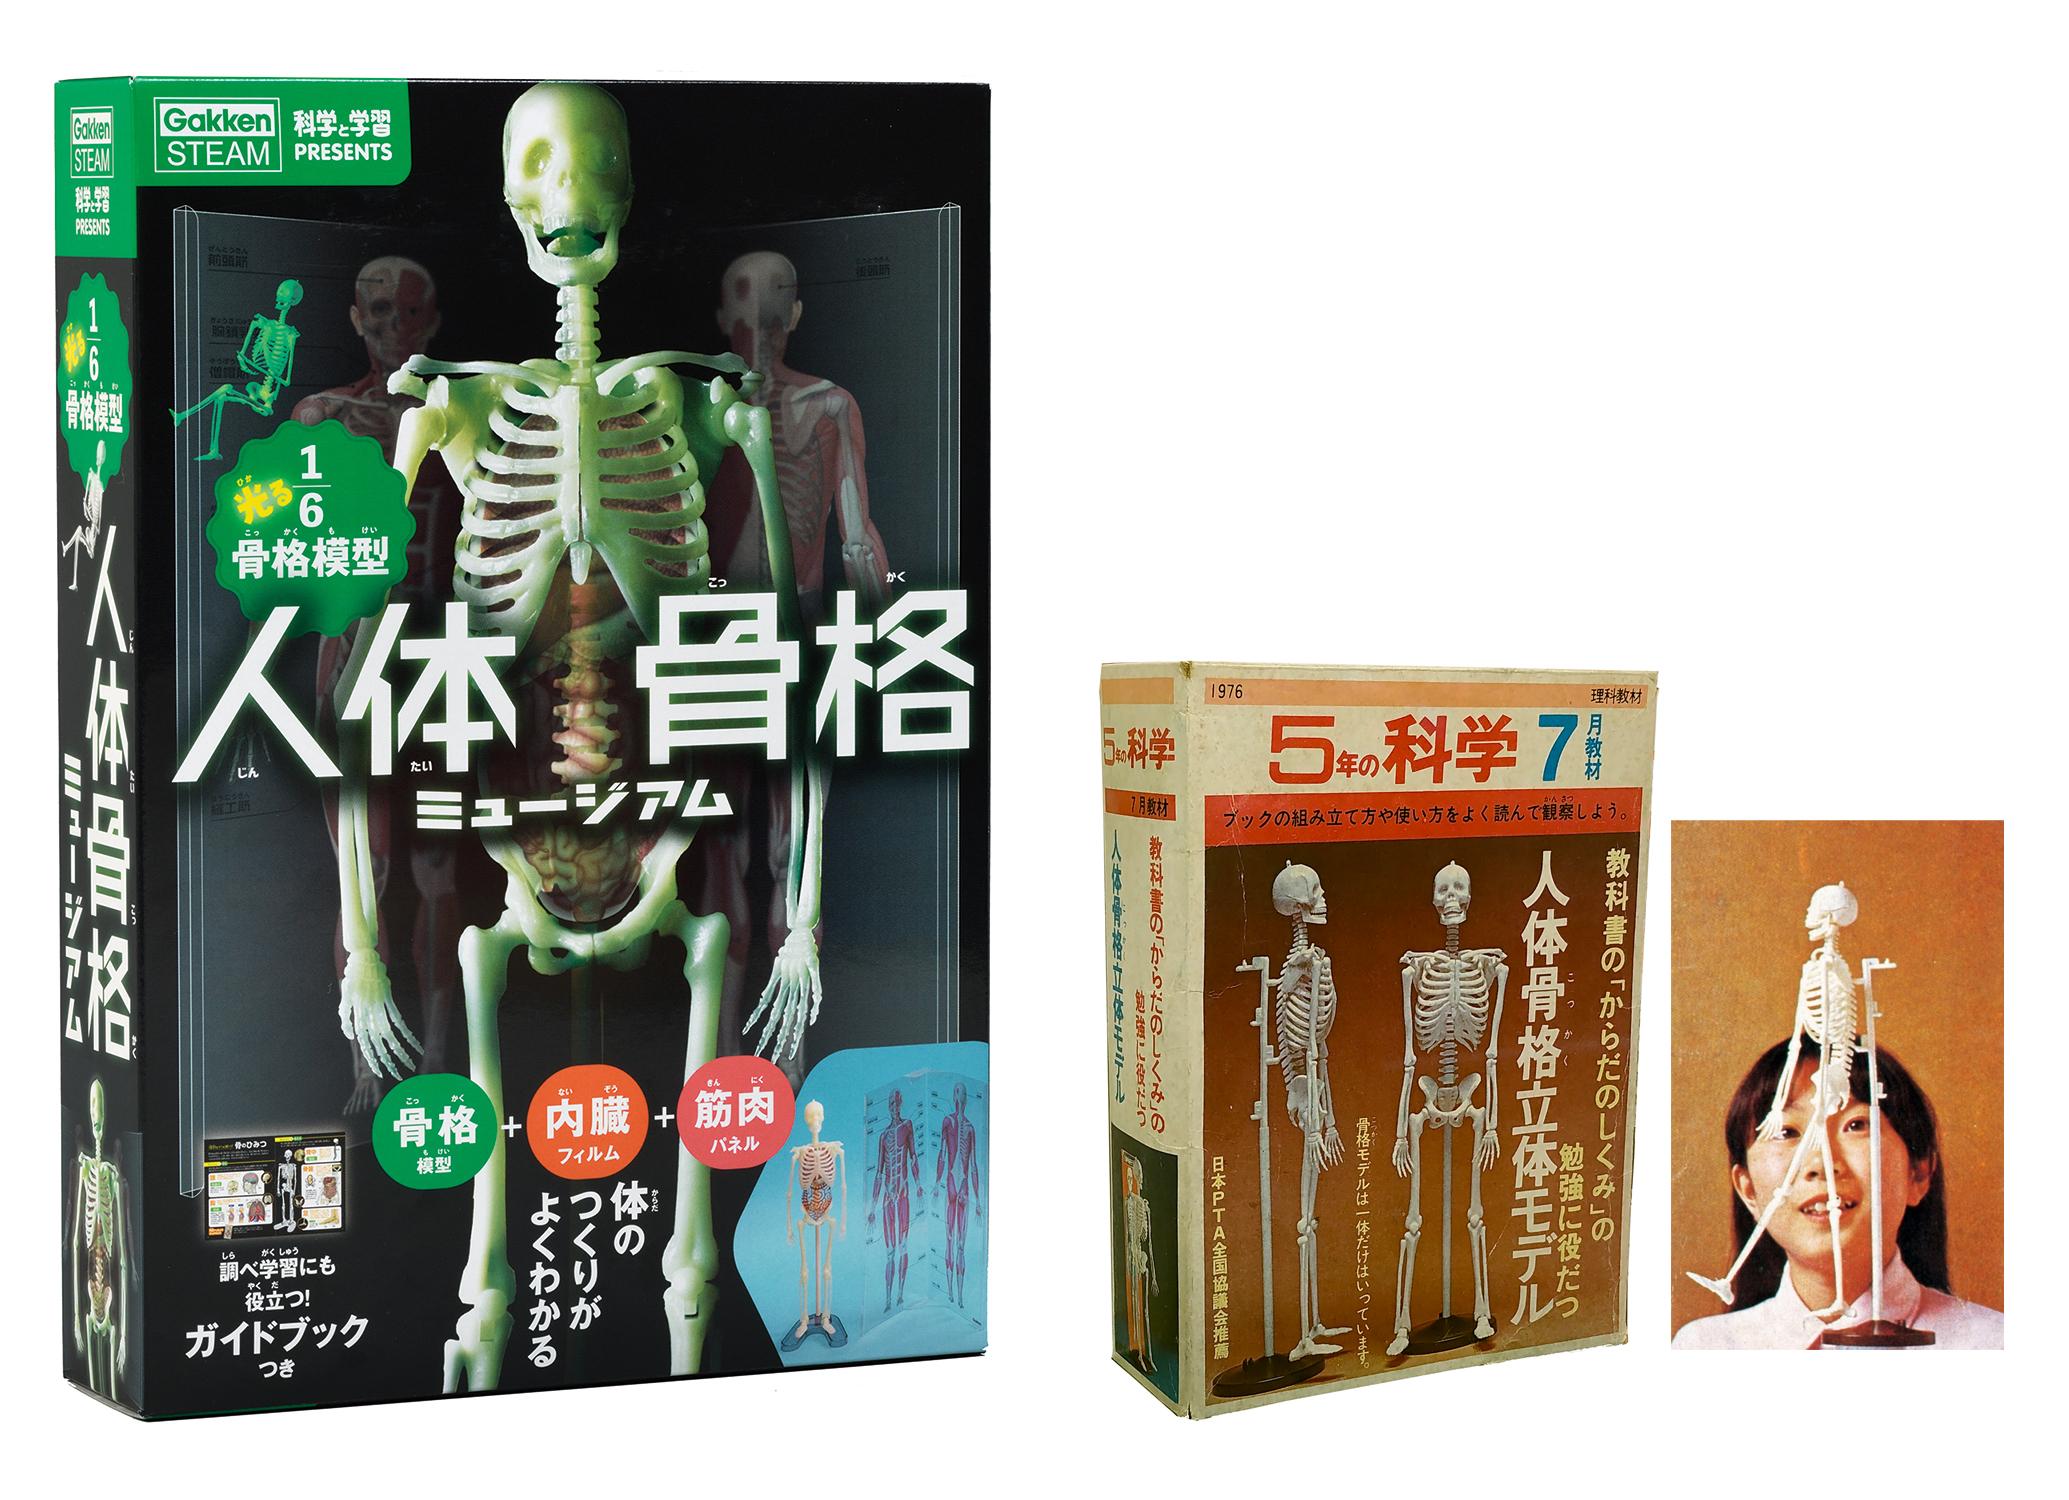 「左:新発売の『人体骨格ミュージアム』、右:「科学」のふろくだった人体骨格模型」画像